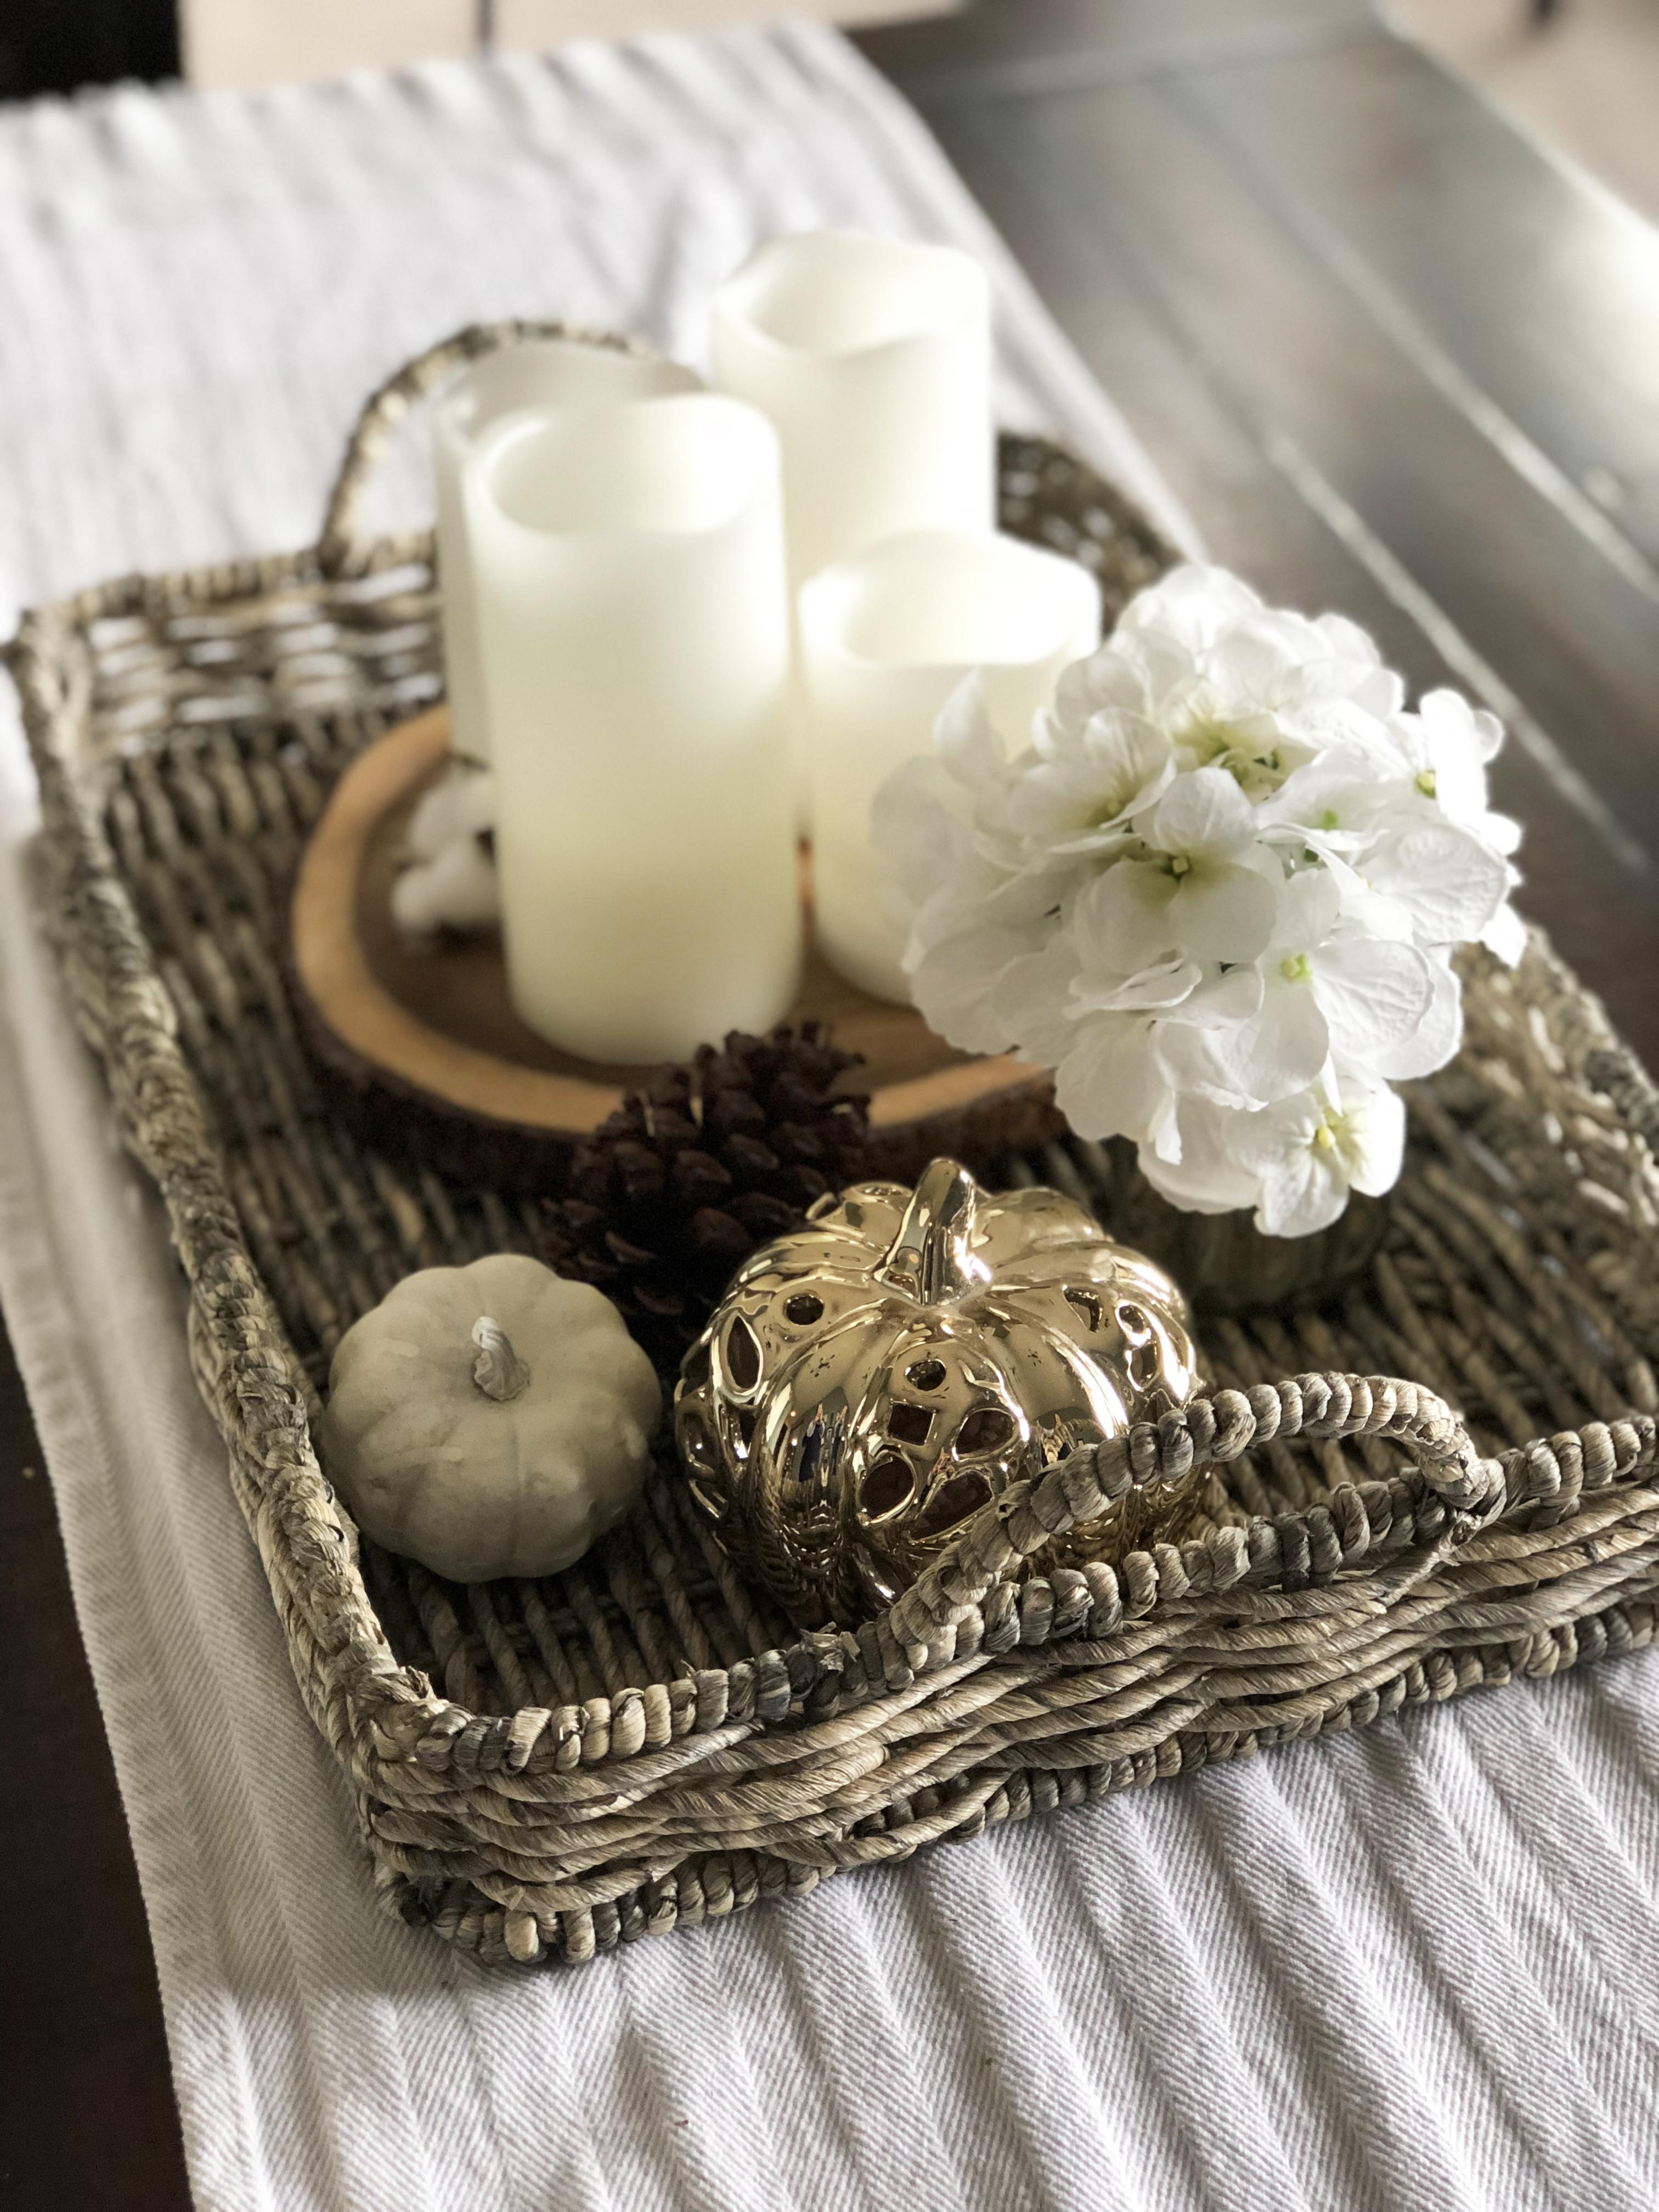 Woven Tray with White Pillar Candles White Hydrangeas